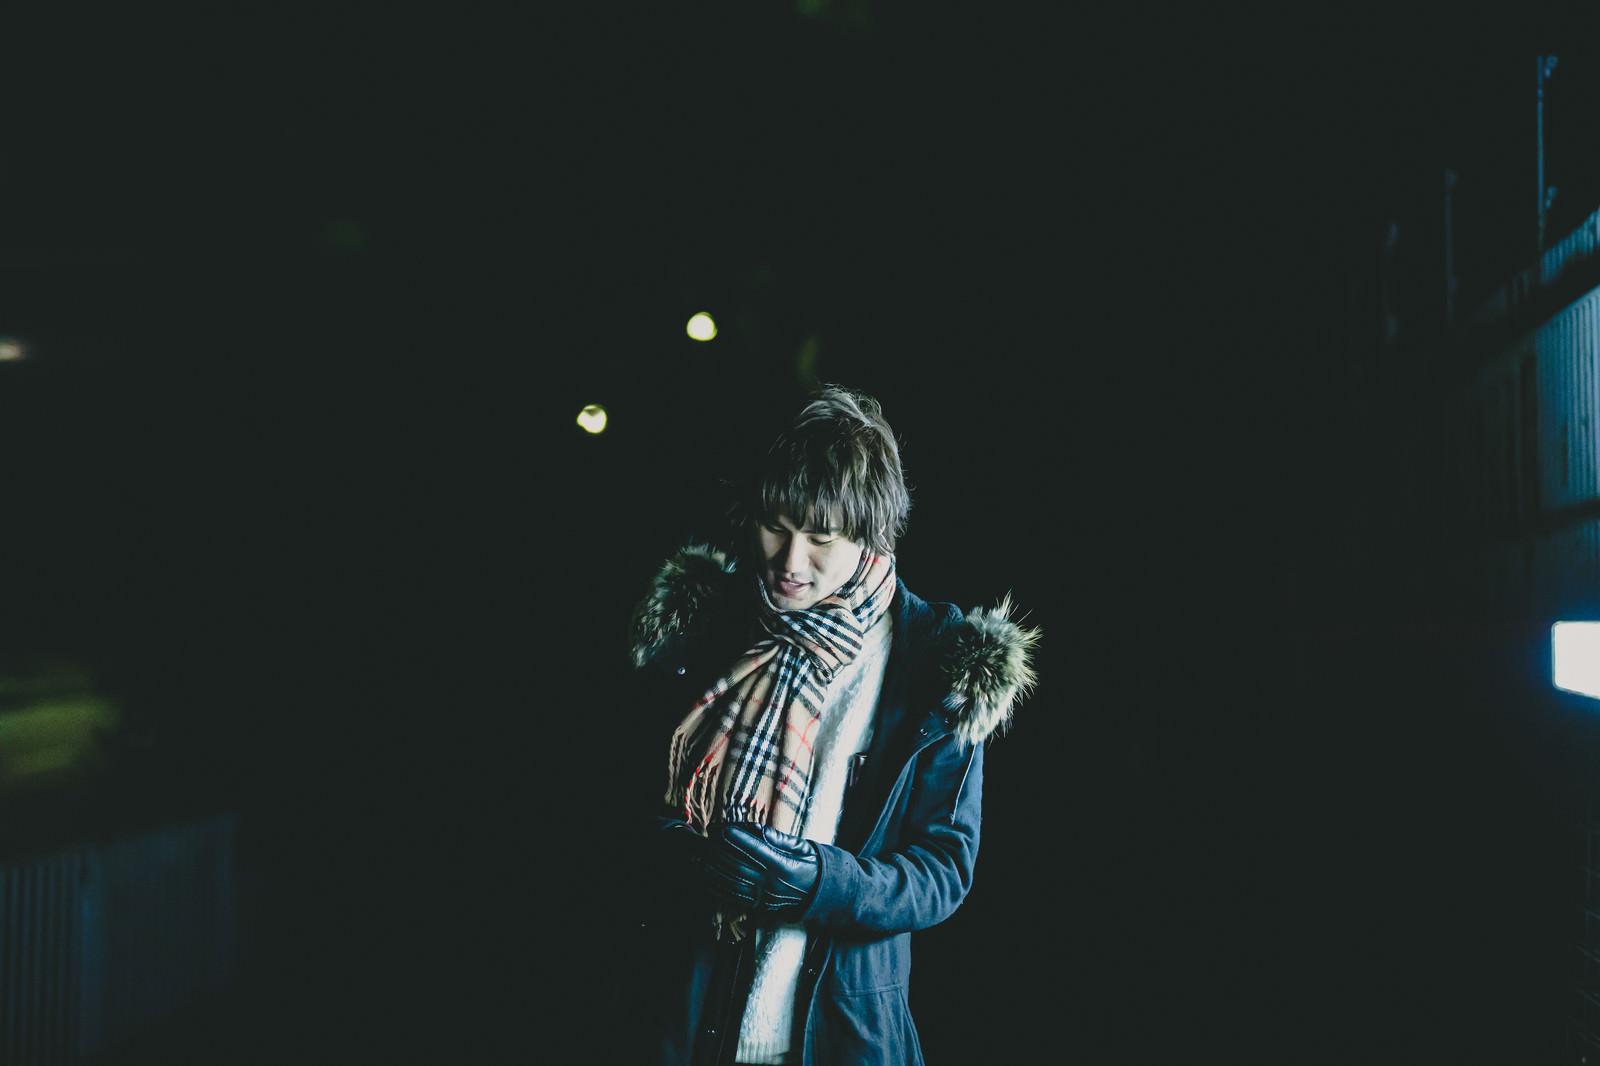 「寒い季節になりました」の写真[モデル:村田裕章]